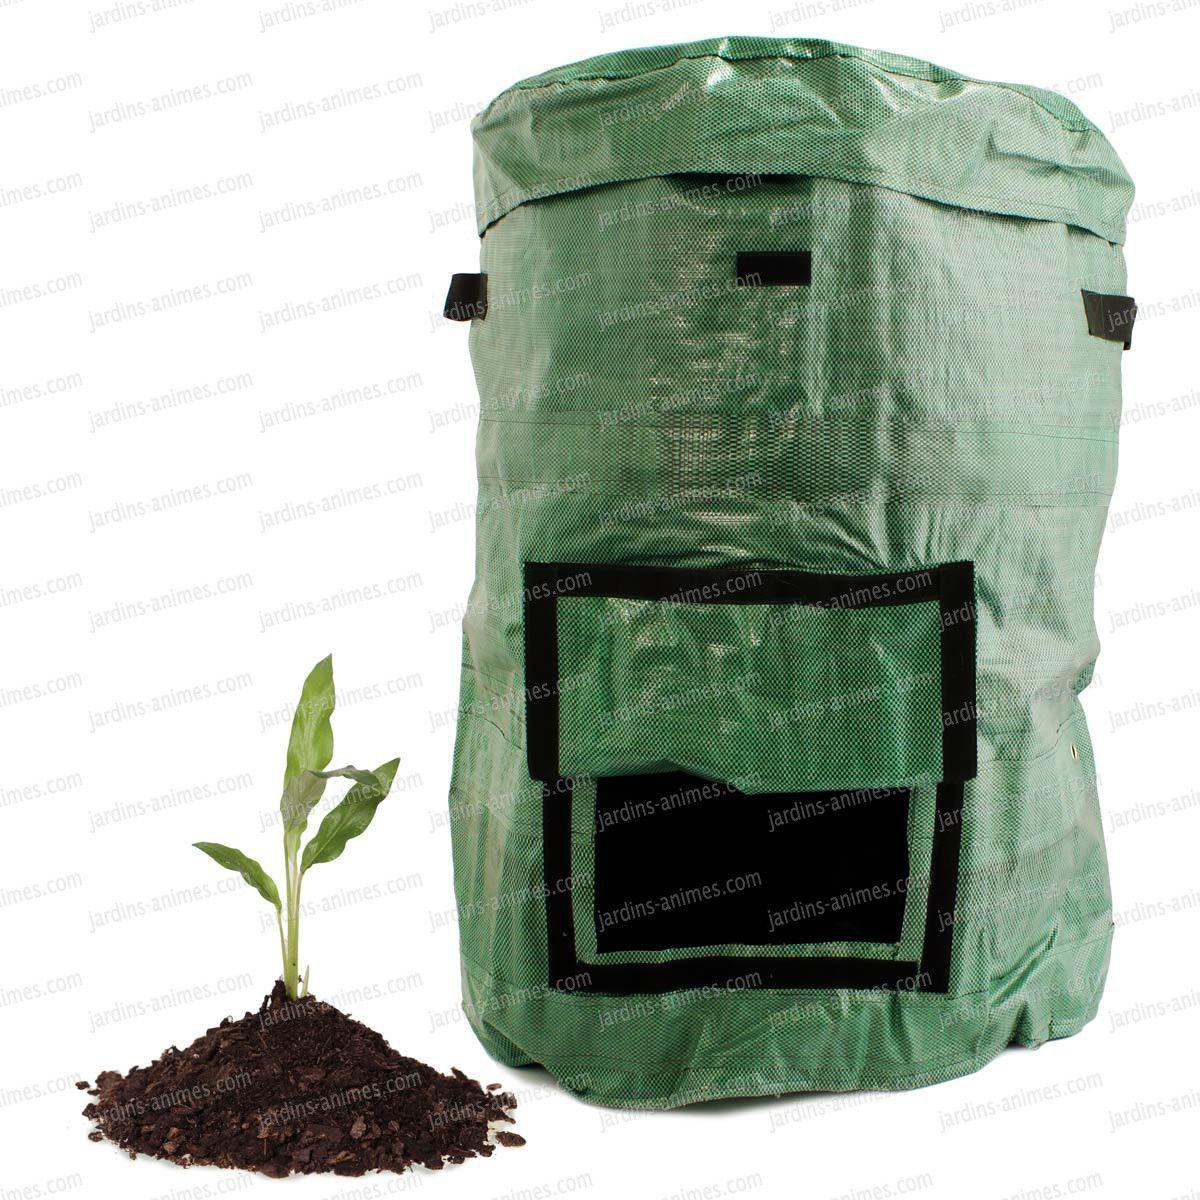 Sac Composteur Pliable 230L | Composteur, Composteur De ... destiné Composteur De Jardin